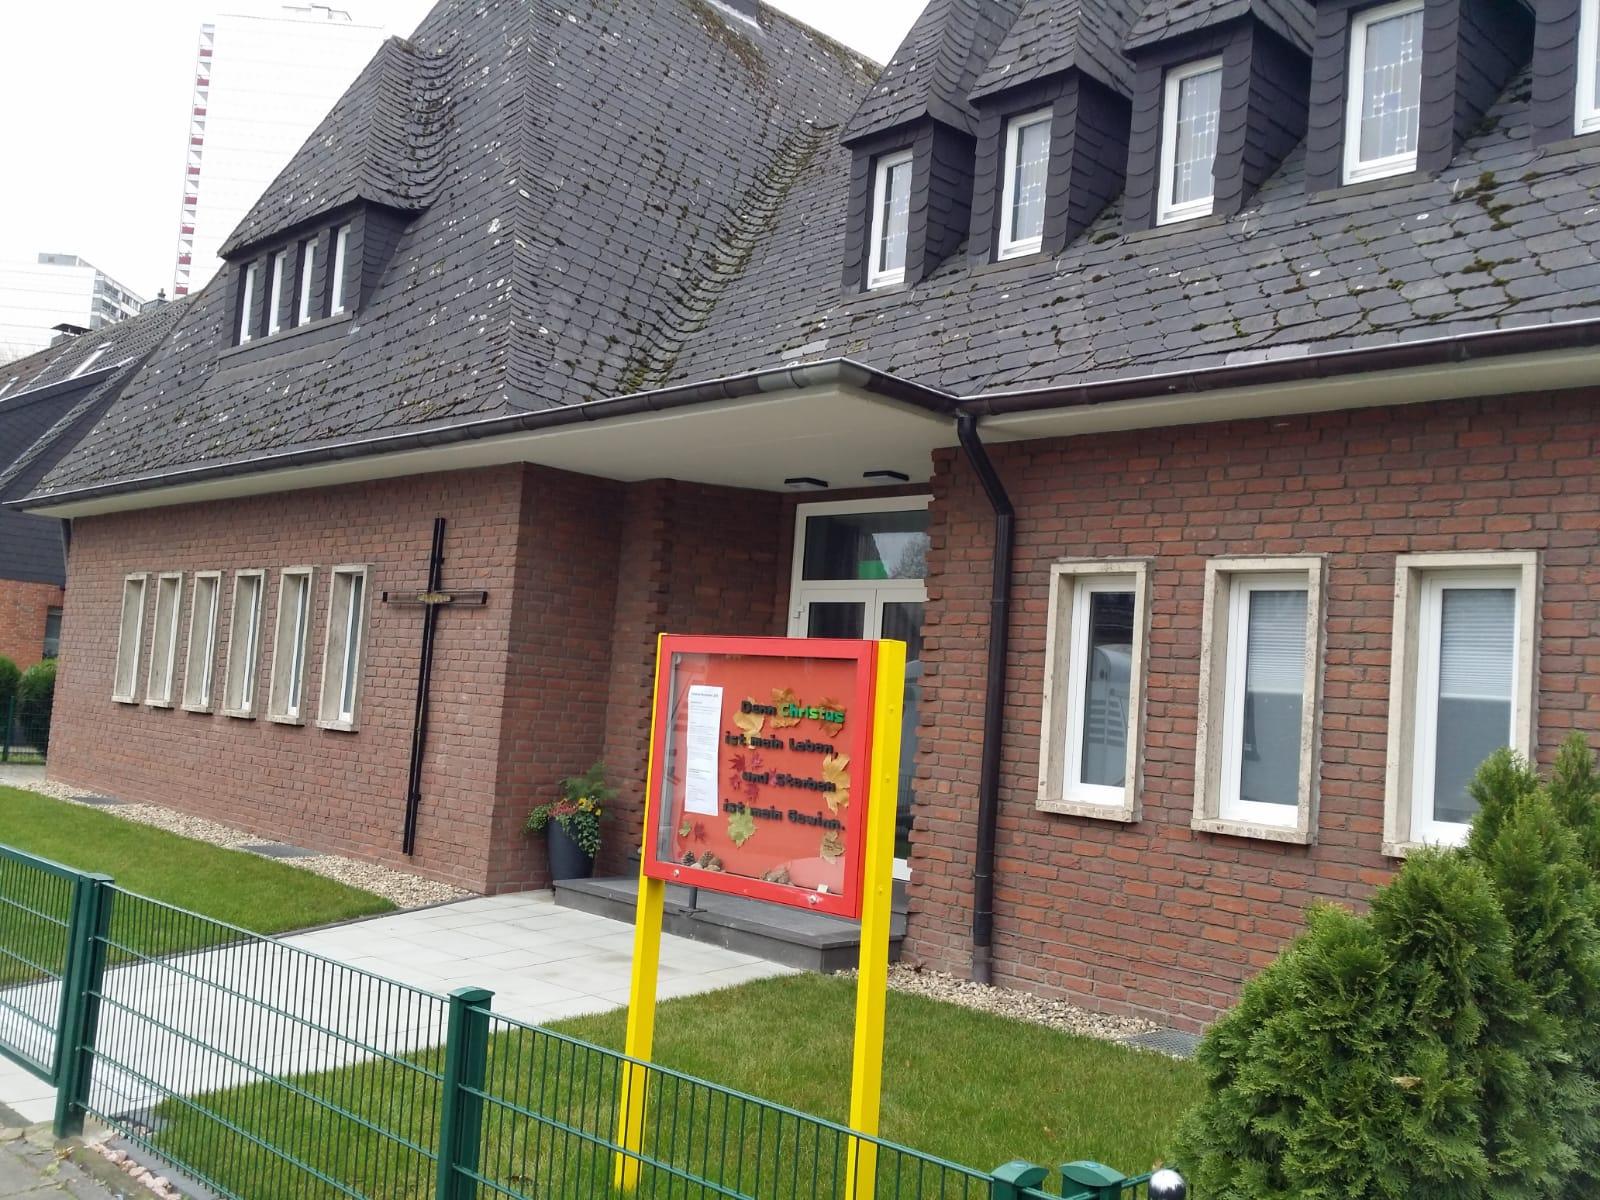 Apostolische Gemeinde Duisburg-Hochheide